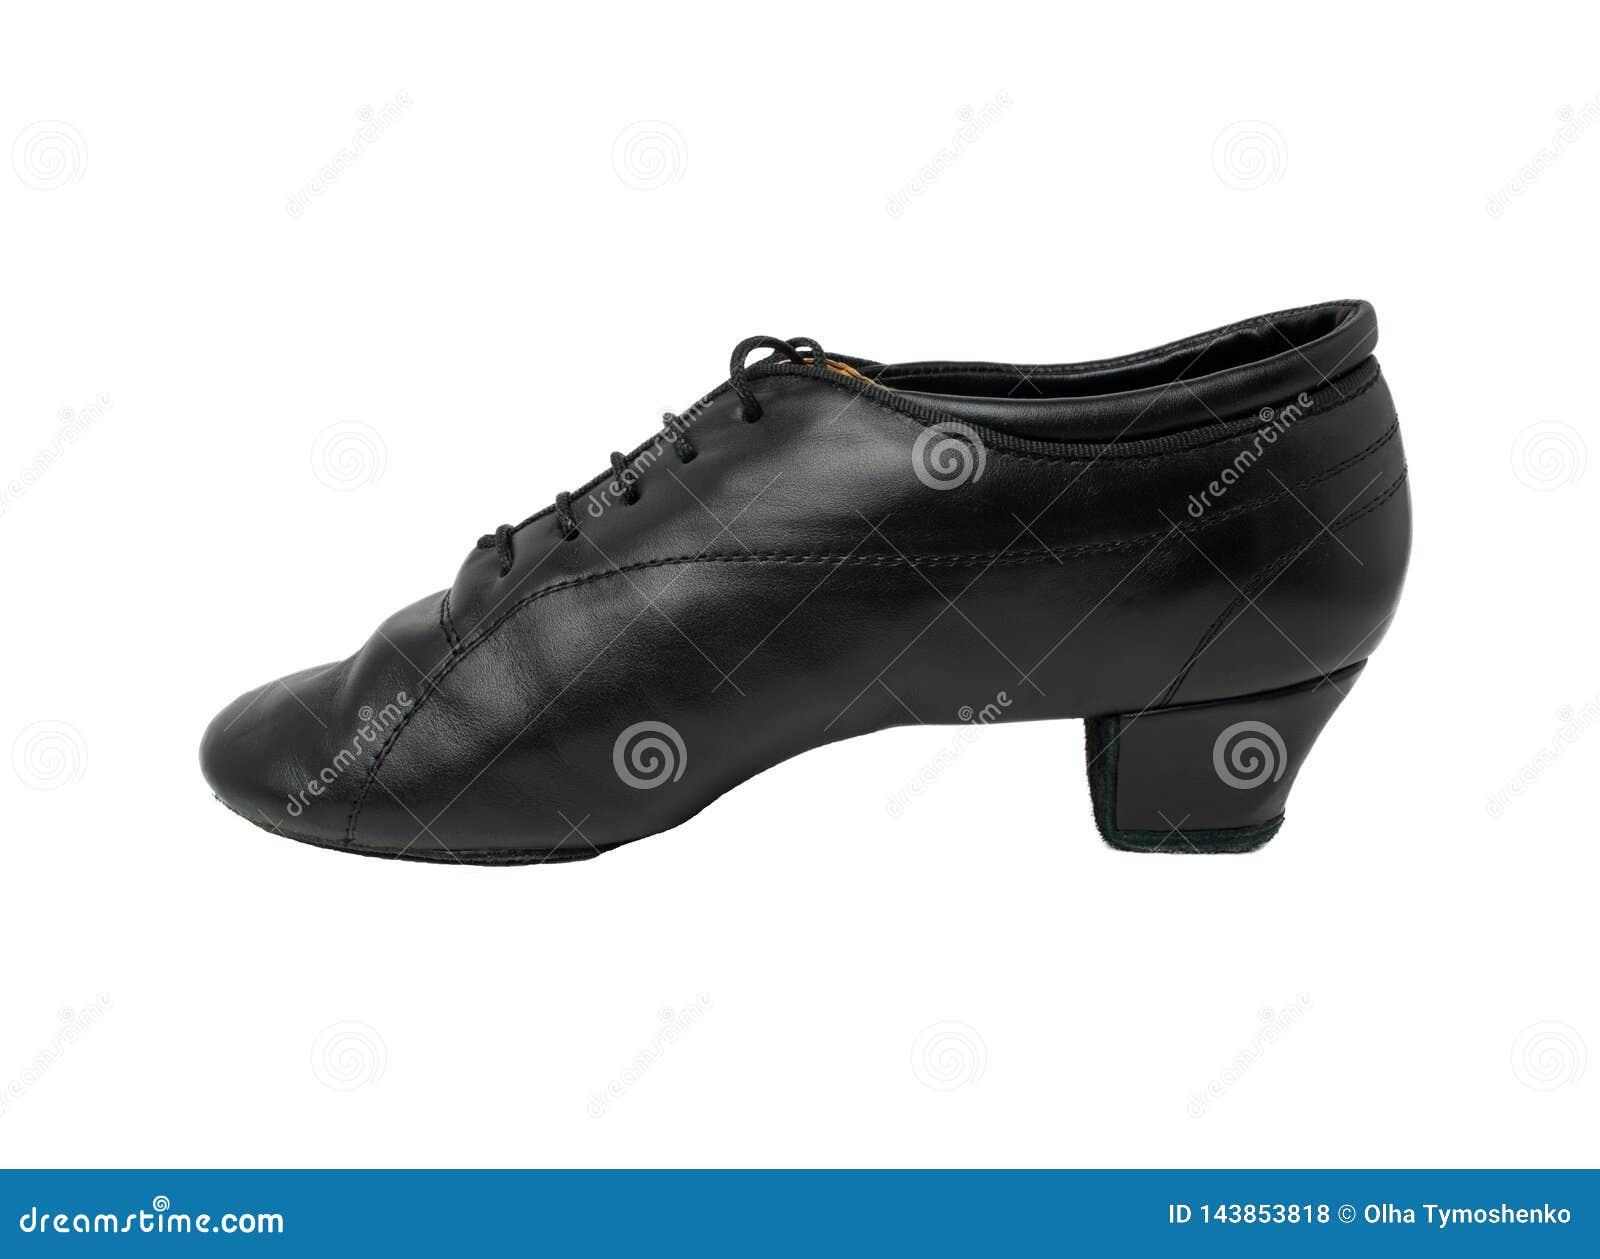 Chaussures pour la chorégraphie de salle de bal, latines, pour la fin de l homme